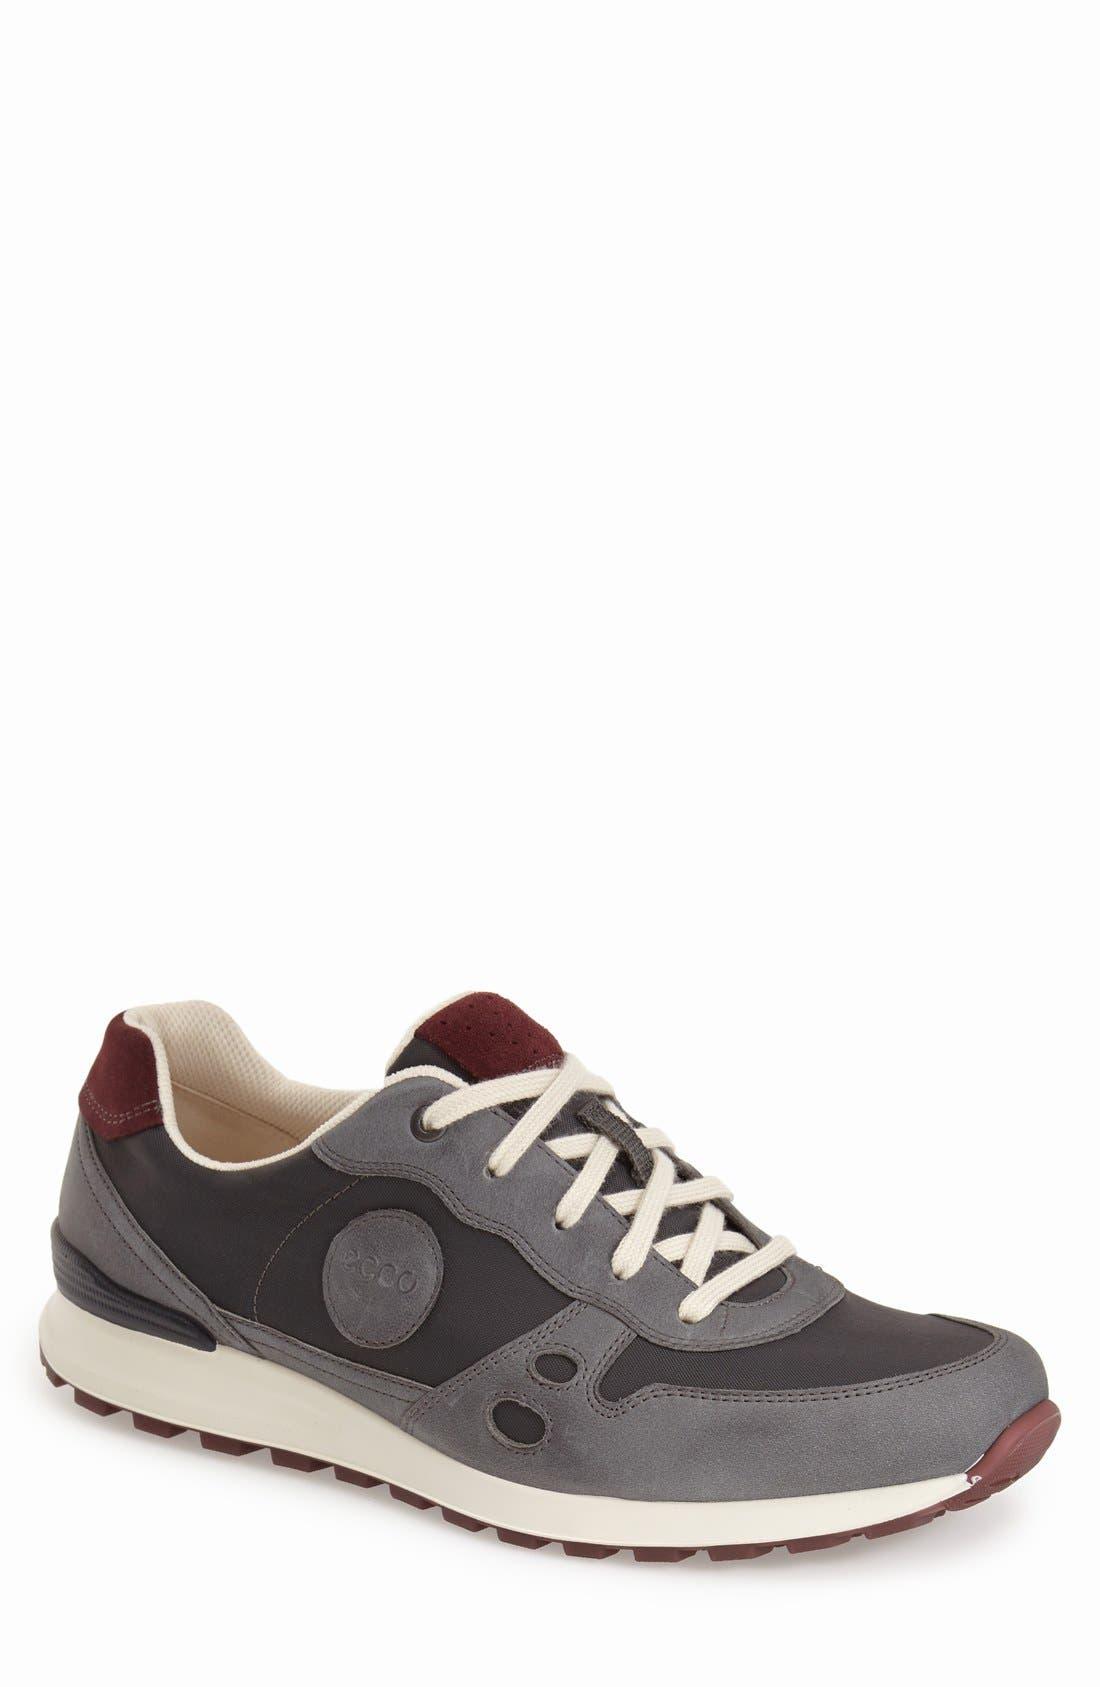 ECCO CS14 Sneaker